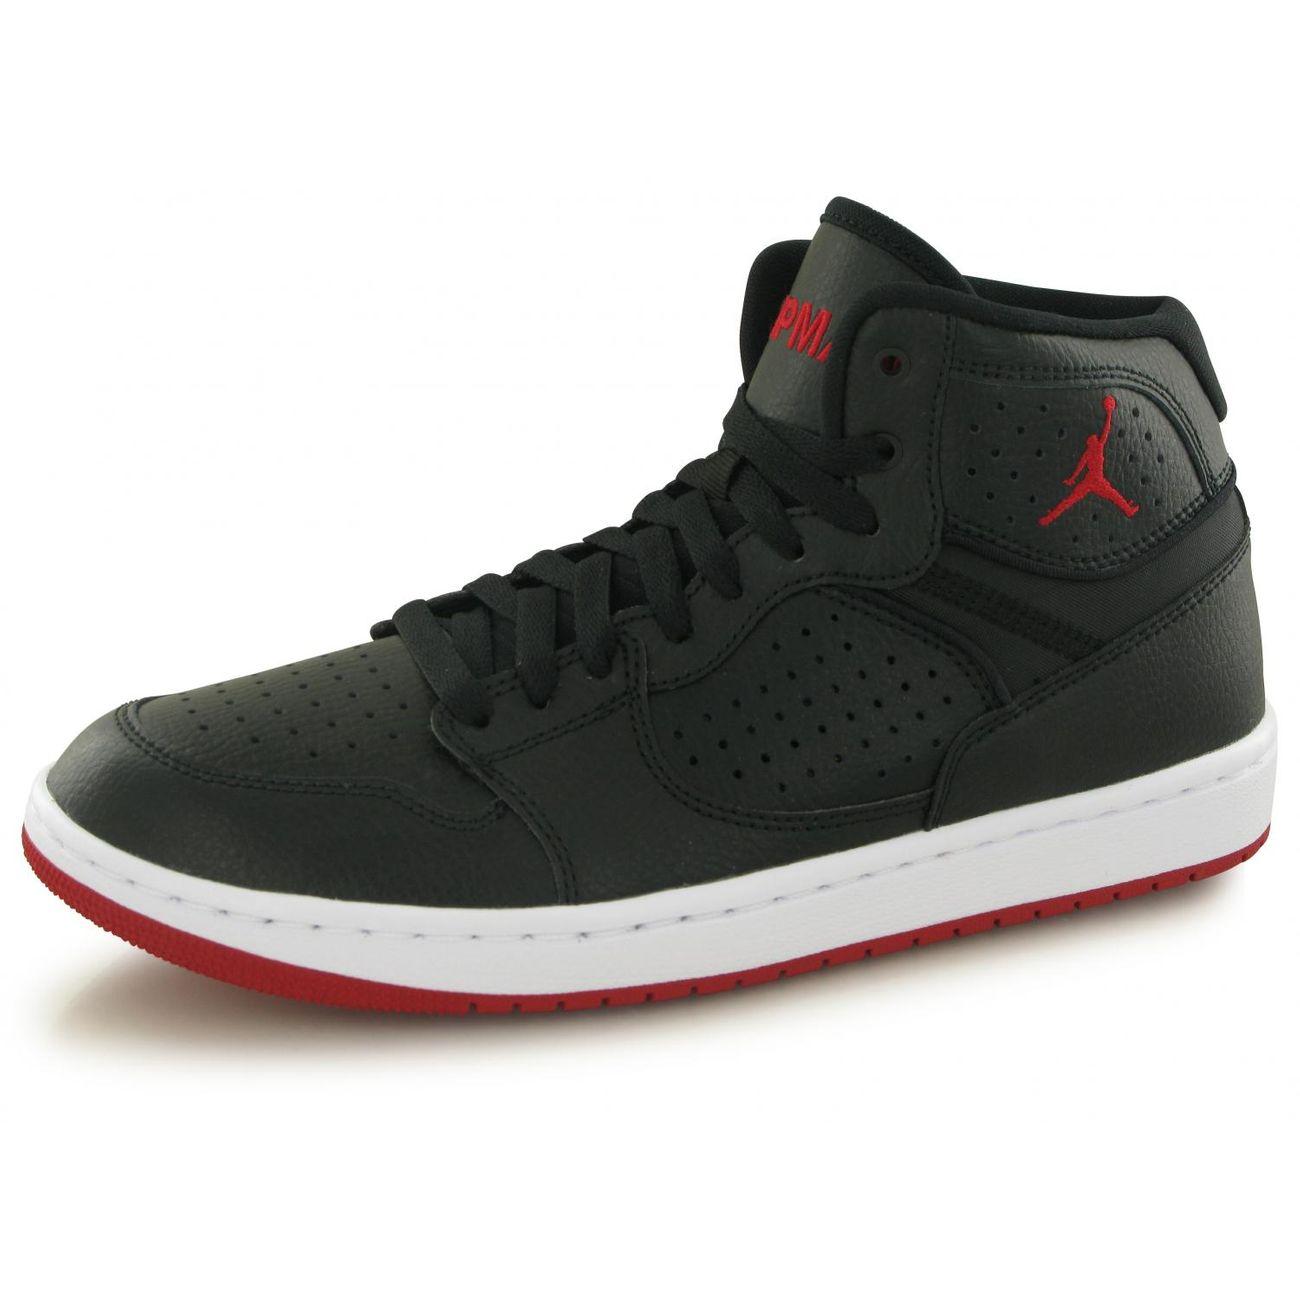 nike chaussures jordan